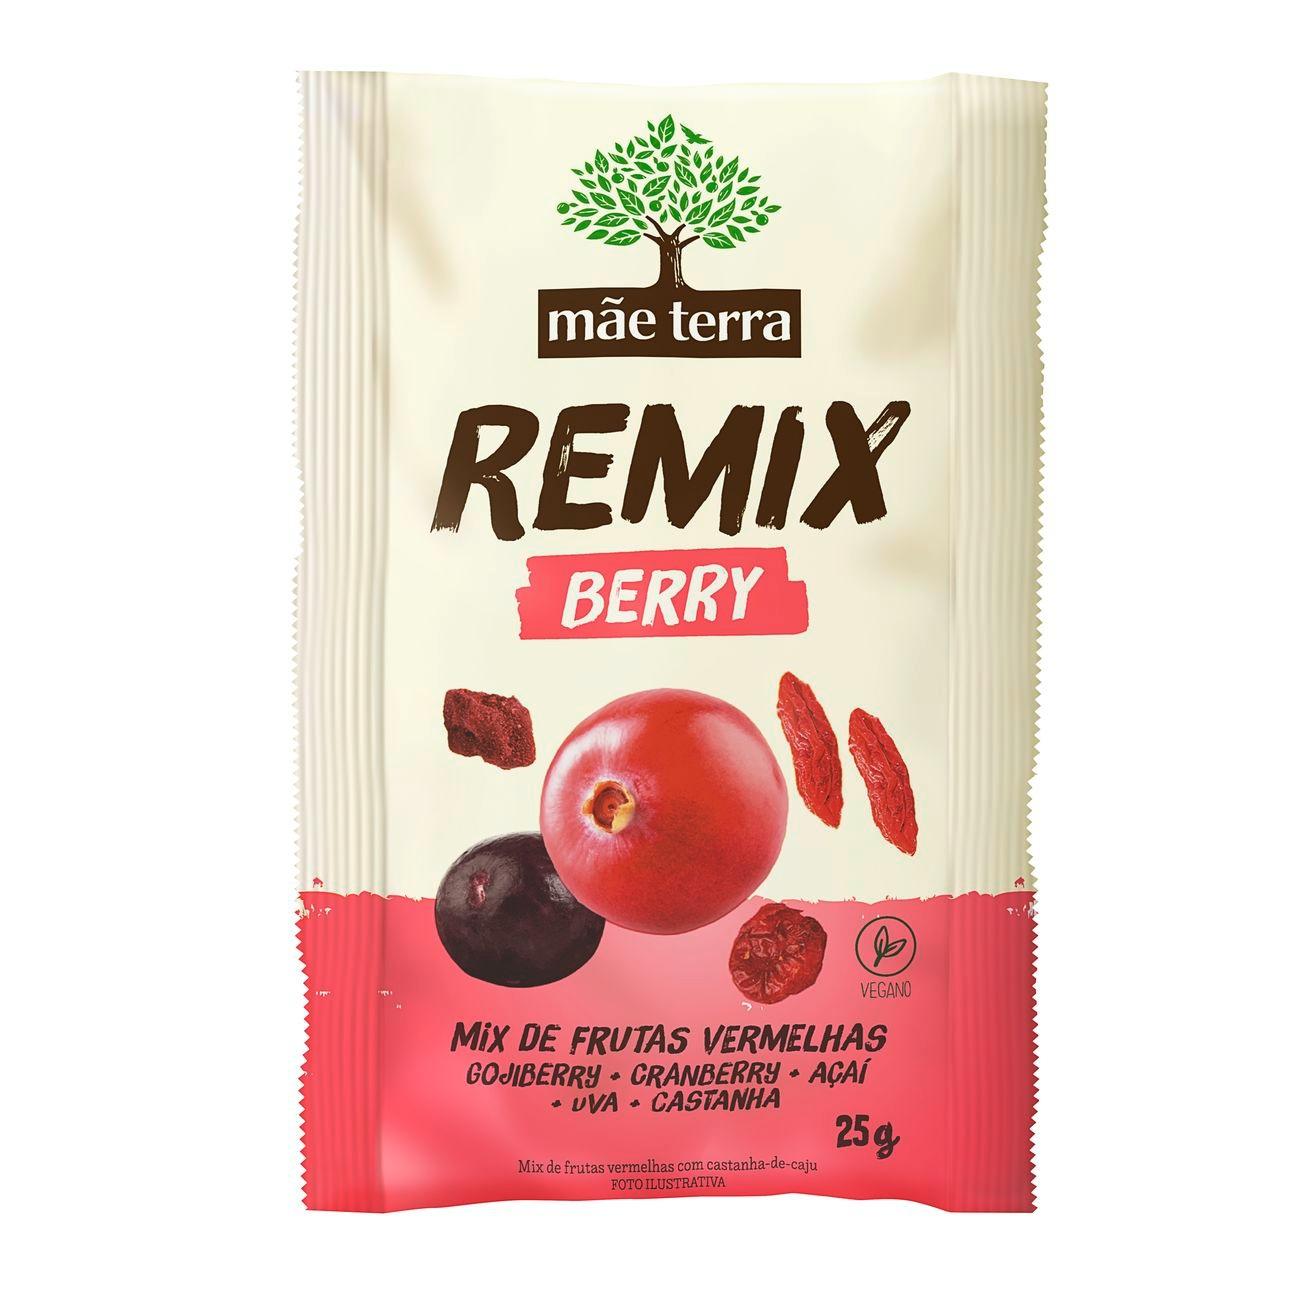 Remix Mãe Terra Berry Vermelha 25g